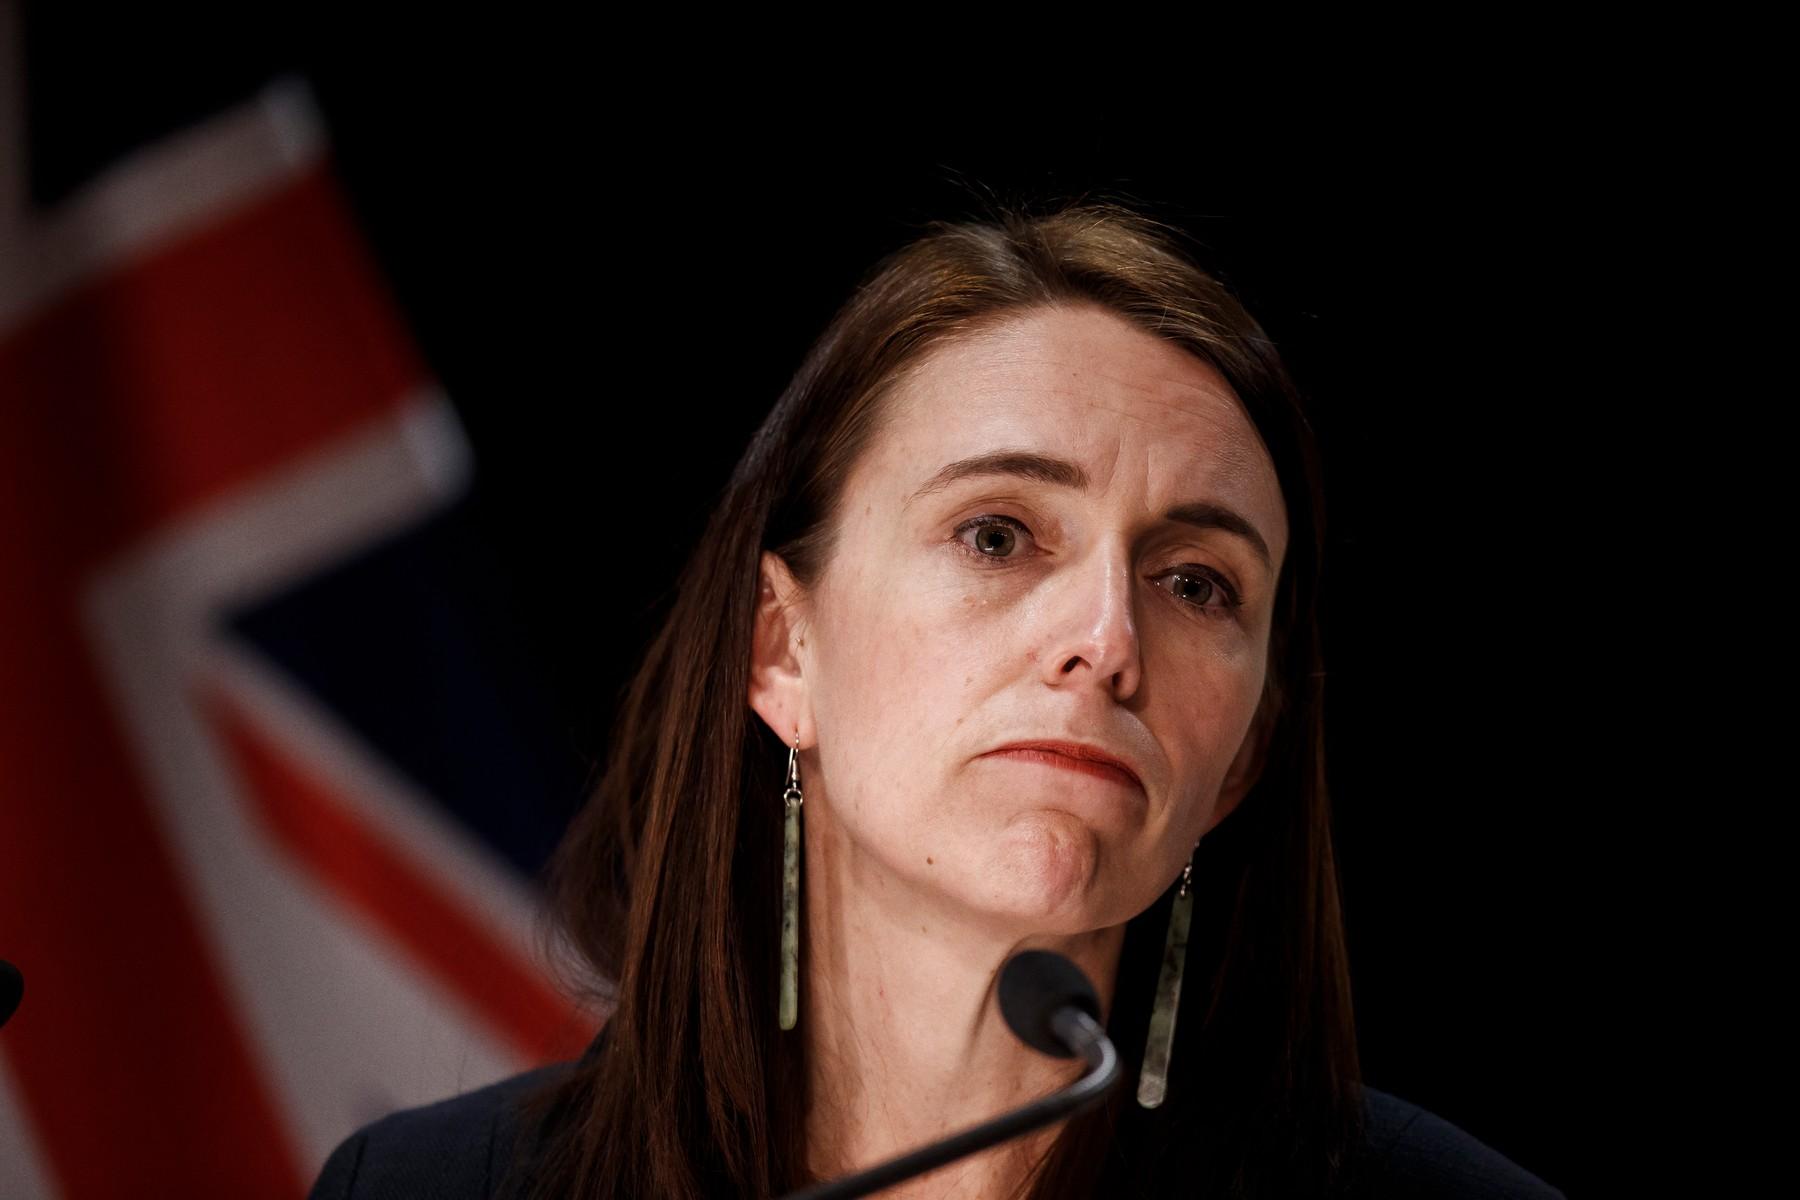 Noua Zeelandă relaxează lockdown-ul la nivel național, dar păstrează măsurile stricte în Auckland, din cauza unui focar masiv